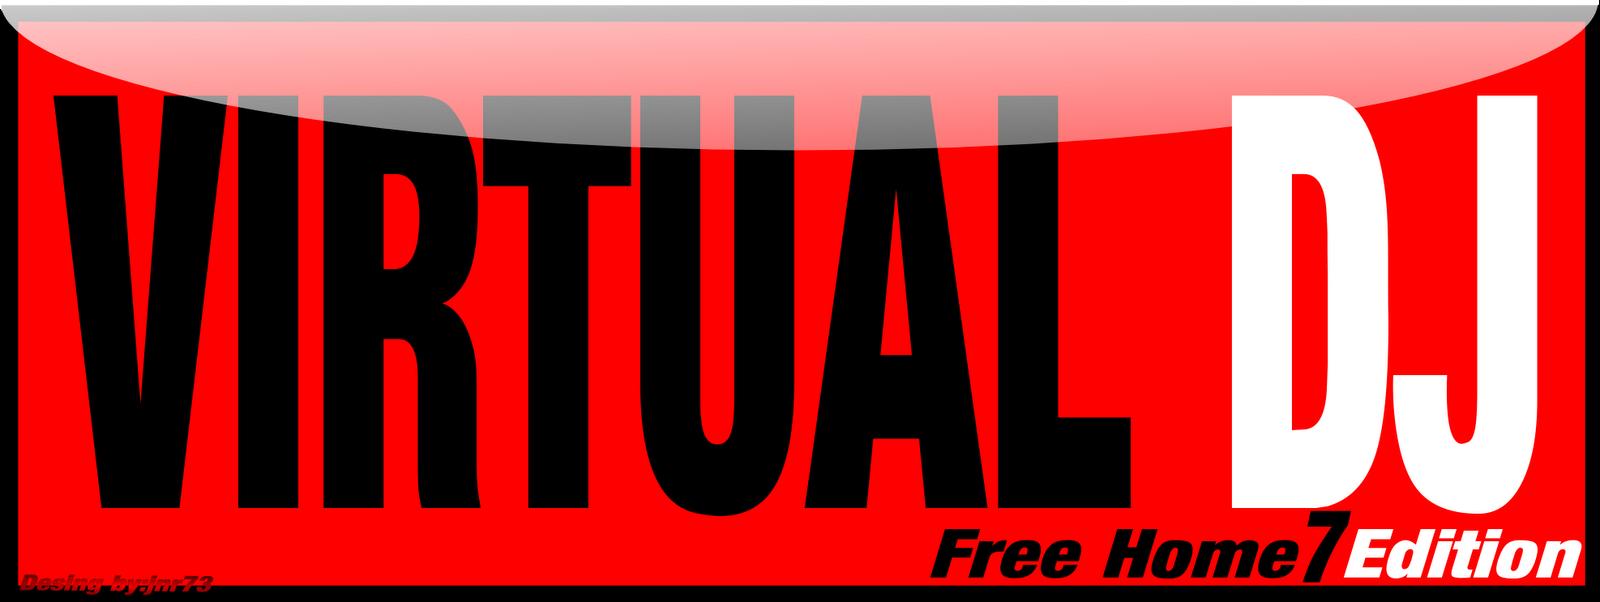 Virtual Dj Pro 7 Logo - #traffic-club